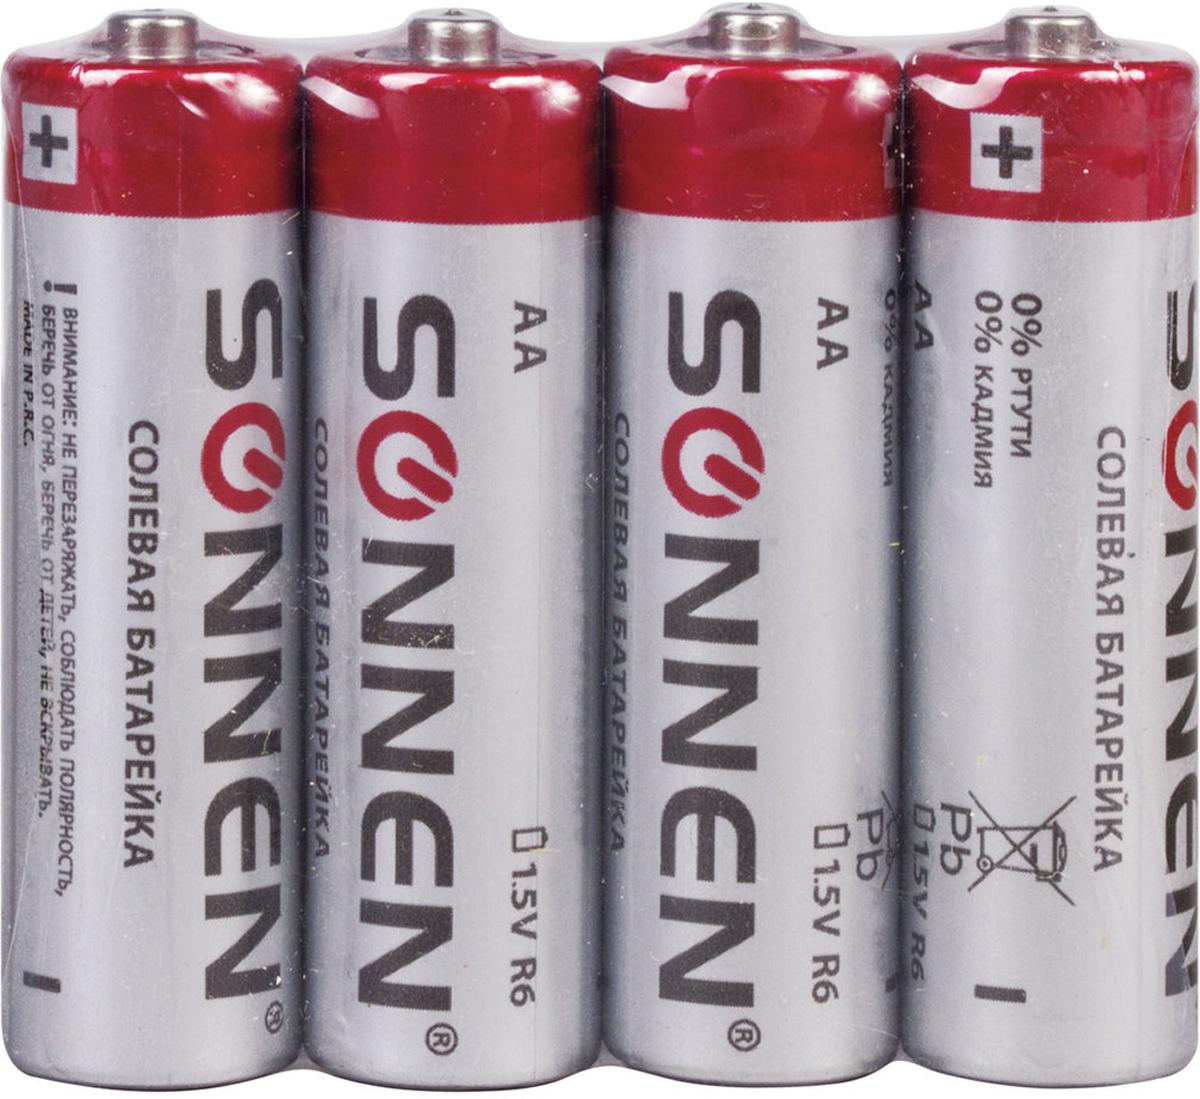 Батарейка солевая Sonnen, тип AA-R6, 1,5В, 4 шт451097Солевые батарейки Sonnen популярного типоразмера AA идеально подходят для приборов с низким потреблением энергии. Рекомендуется использовать в электронных будильниках, пультах ДУ, радиоприемниках и фонарях.